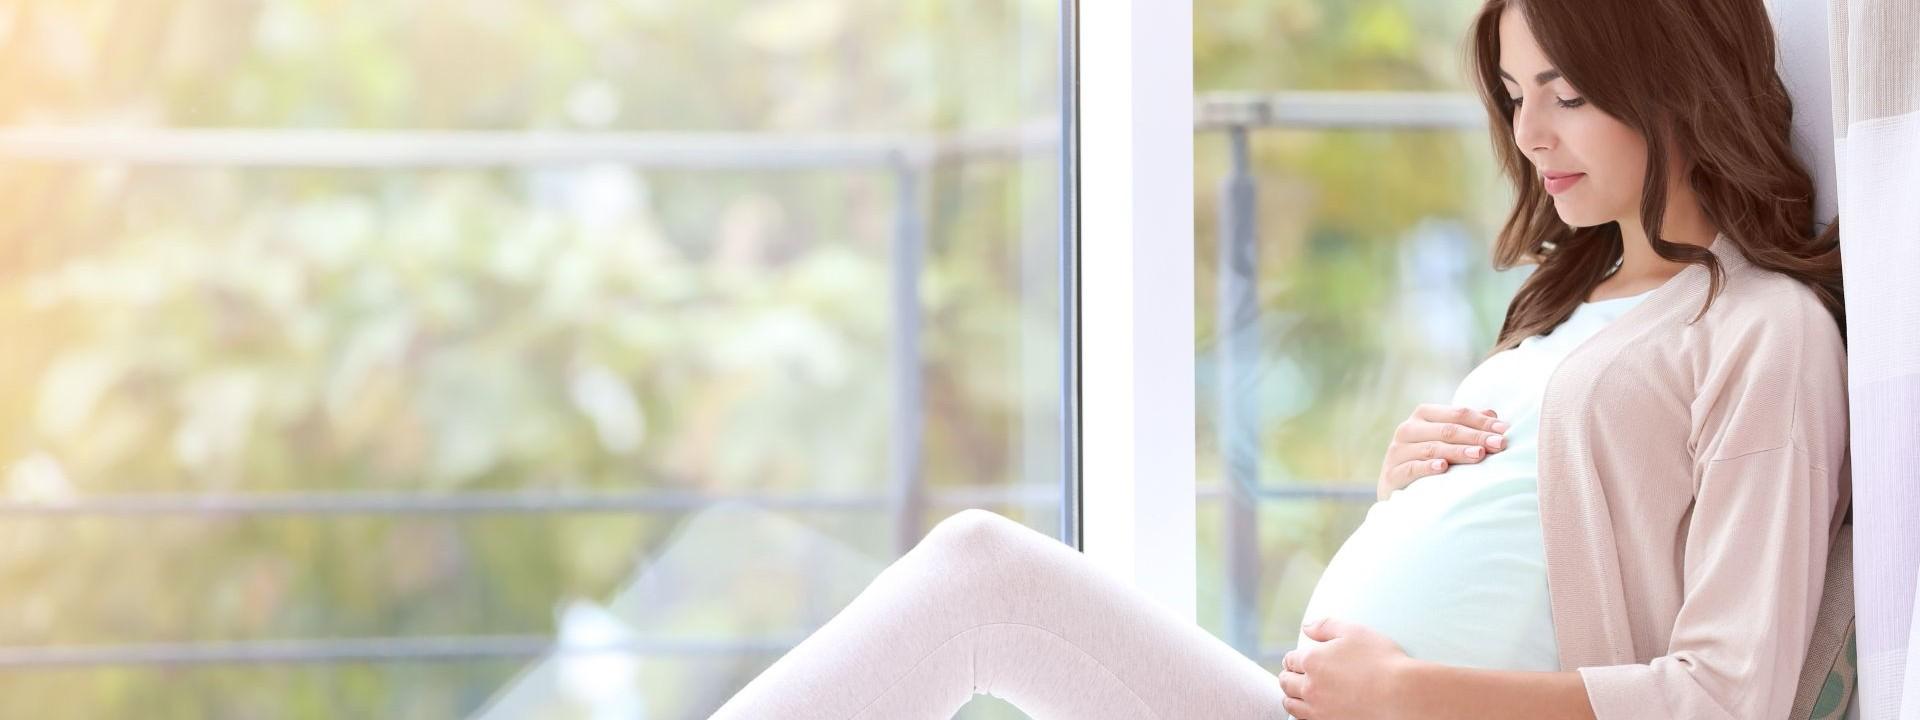 Eine etwa 25 jährige schwangere Frau sitzt seitlich an einem großem Fenster. Sie umfasst mit beiden Händen ihren Bauch.